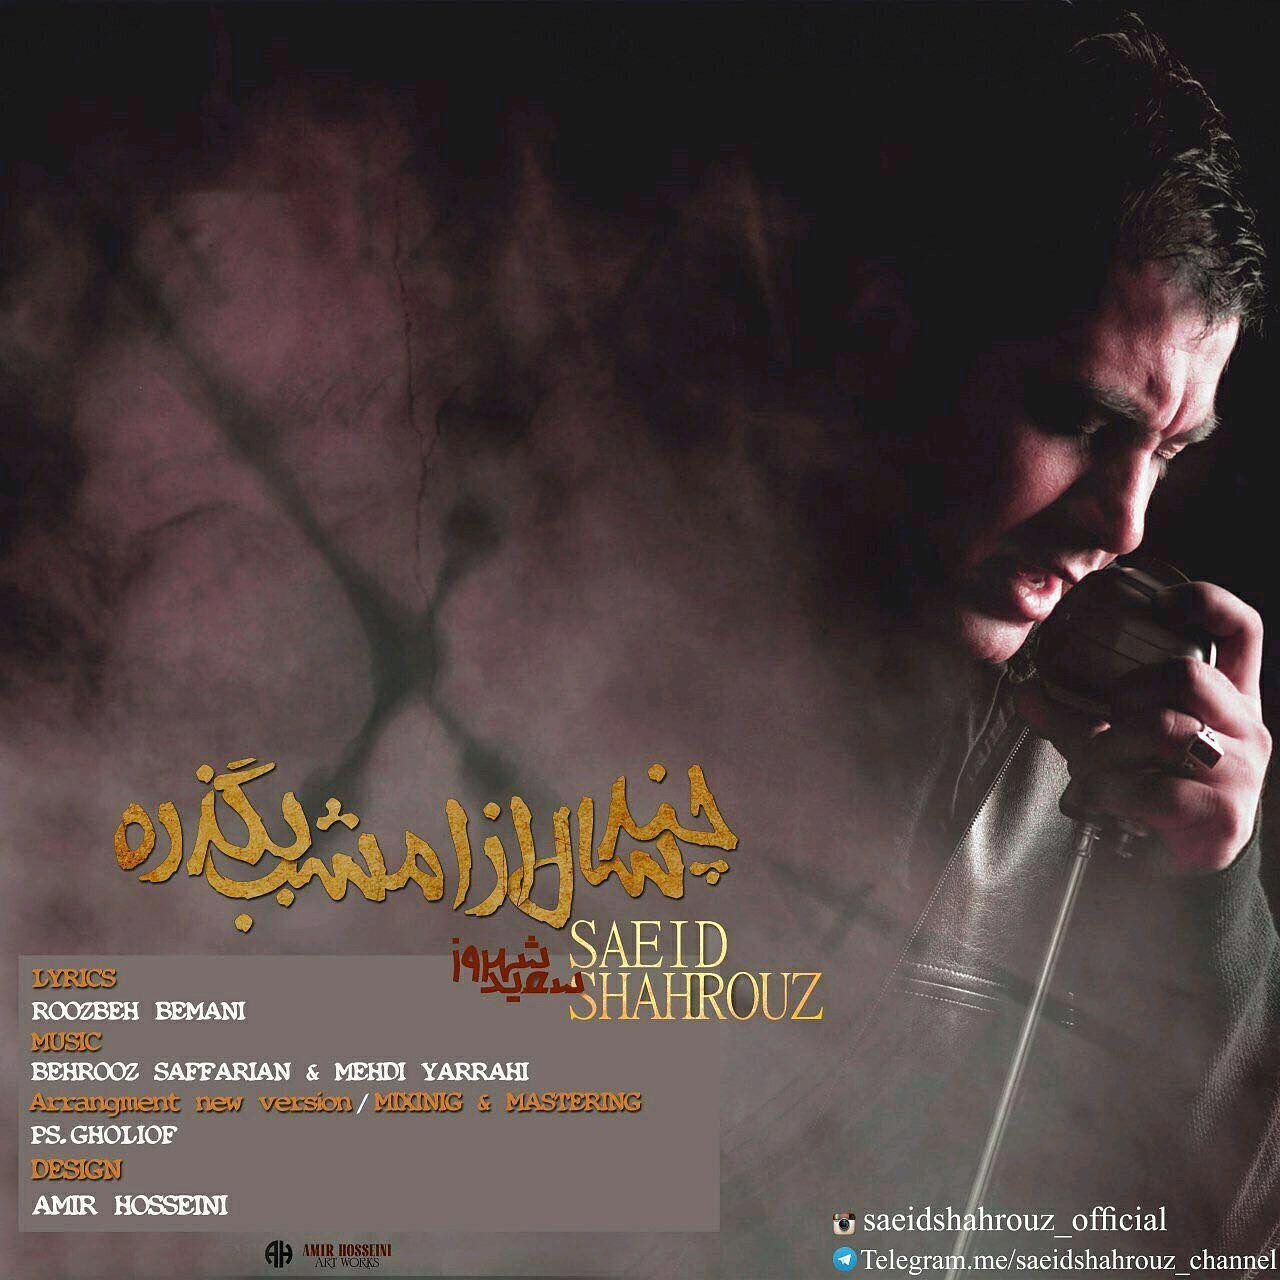 دانلود رمیکس جدید آهنگ چند سال از امشب بگذره از سعید شهروز